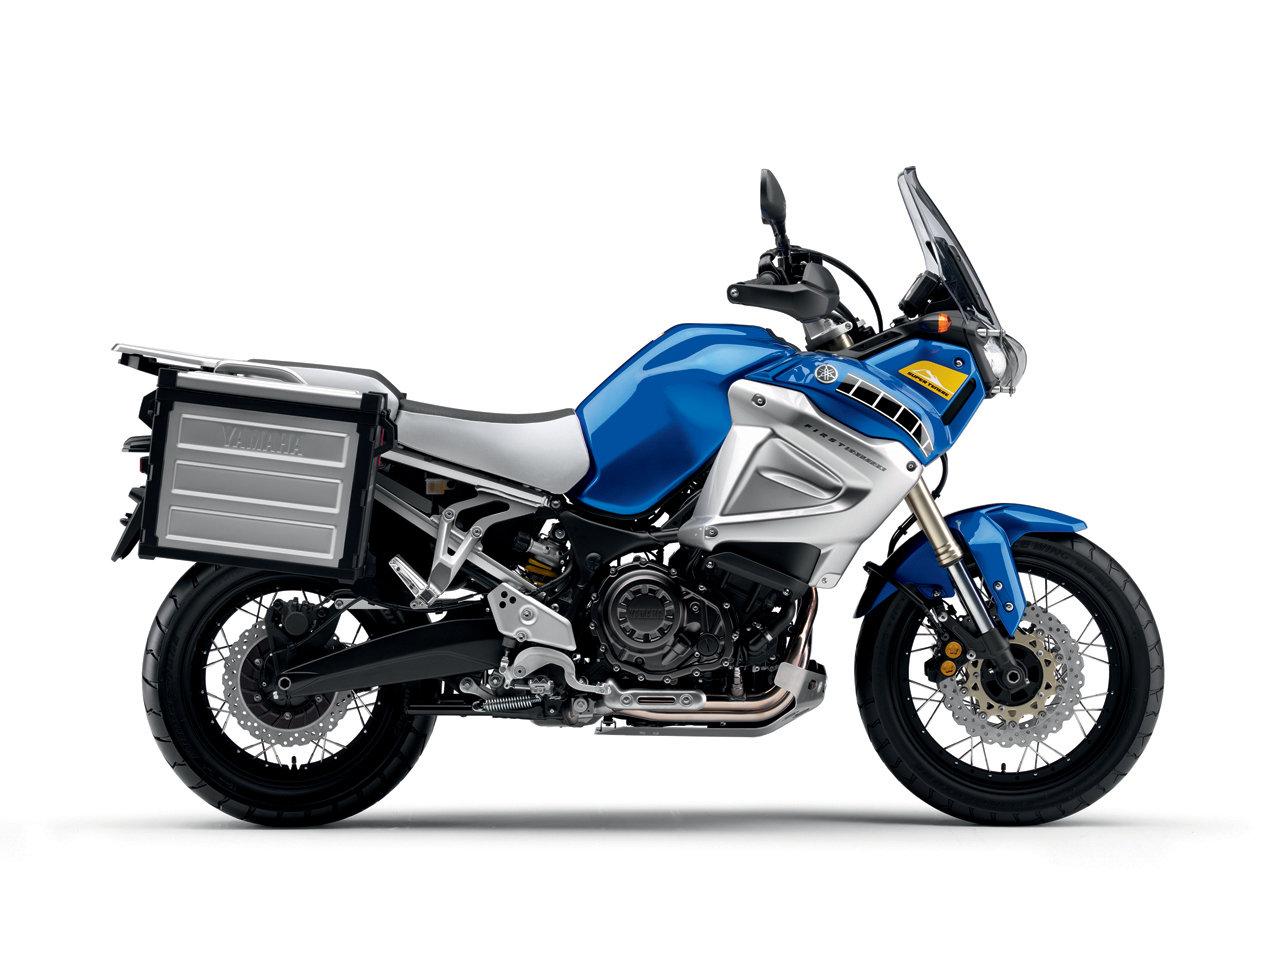 2010-yamaha-xt1200z-super-tenere-motorcycle